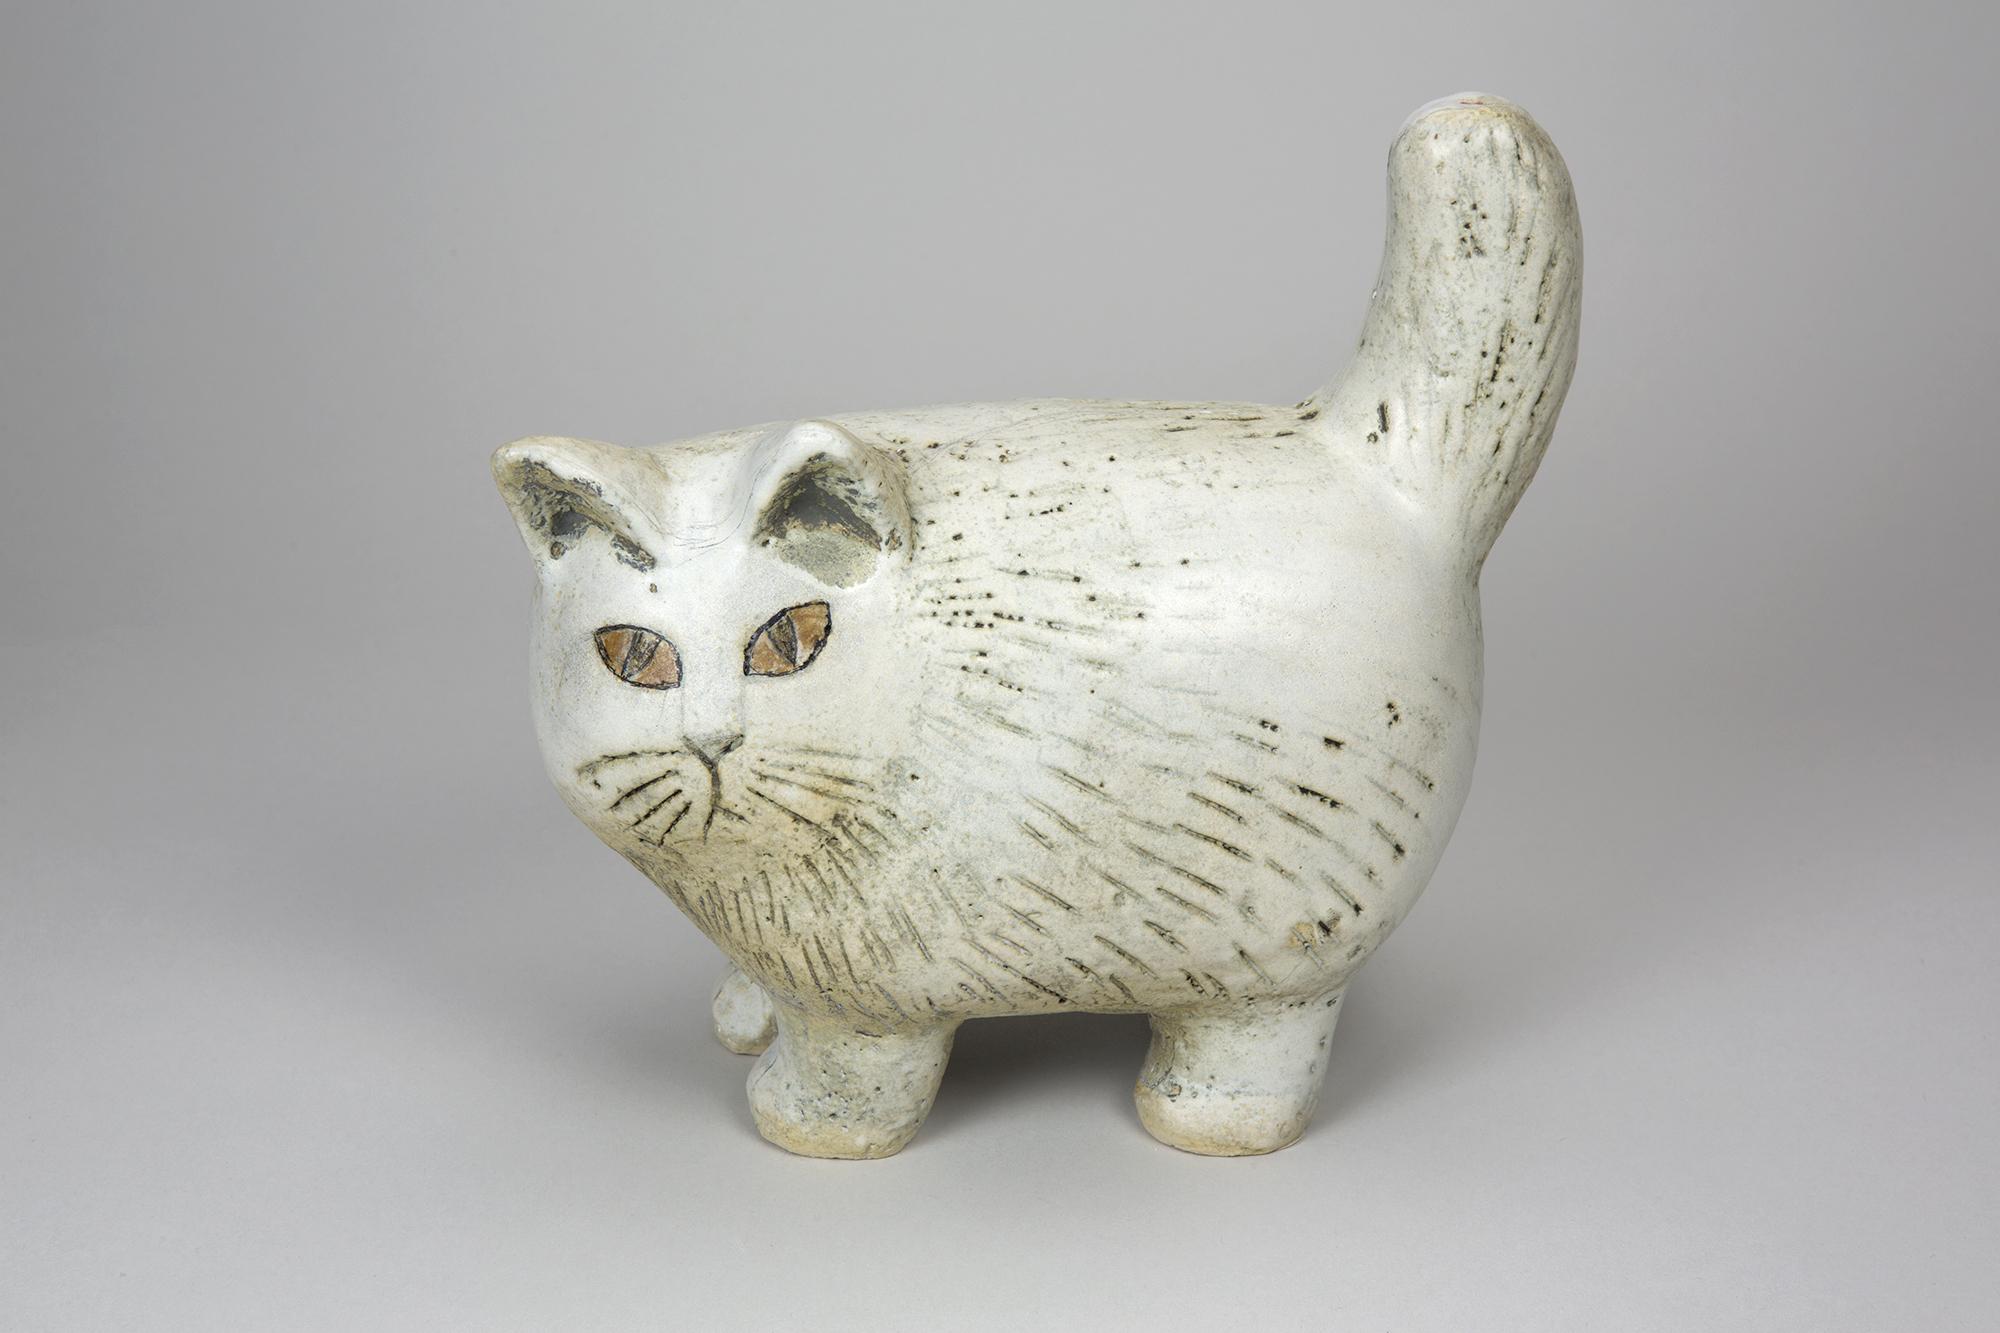 ネコ(2007年)©Lisa Larson/Alvoro Campo